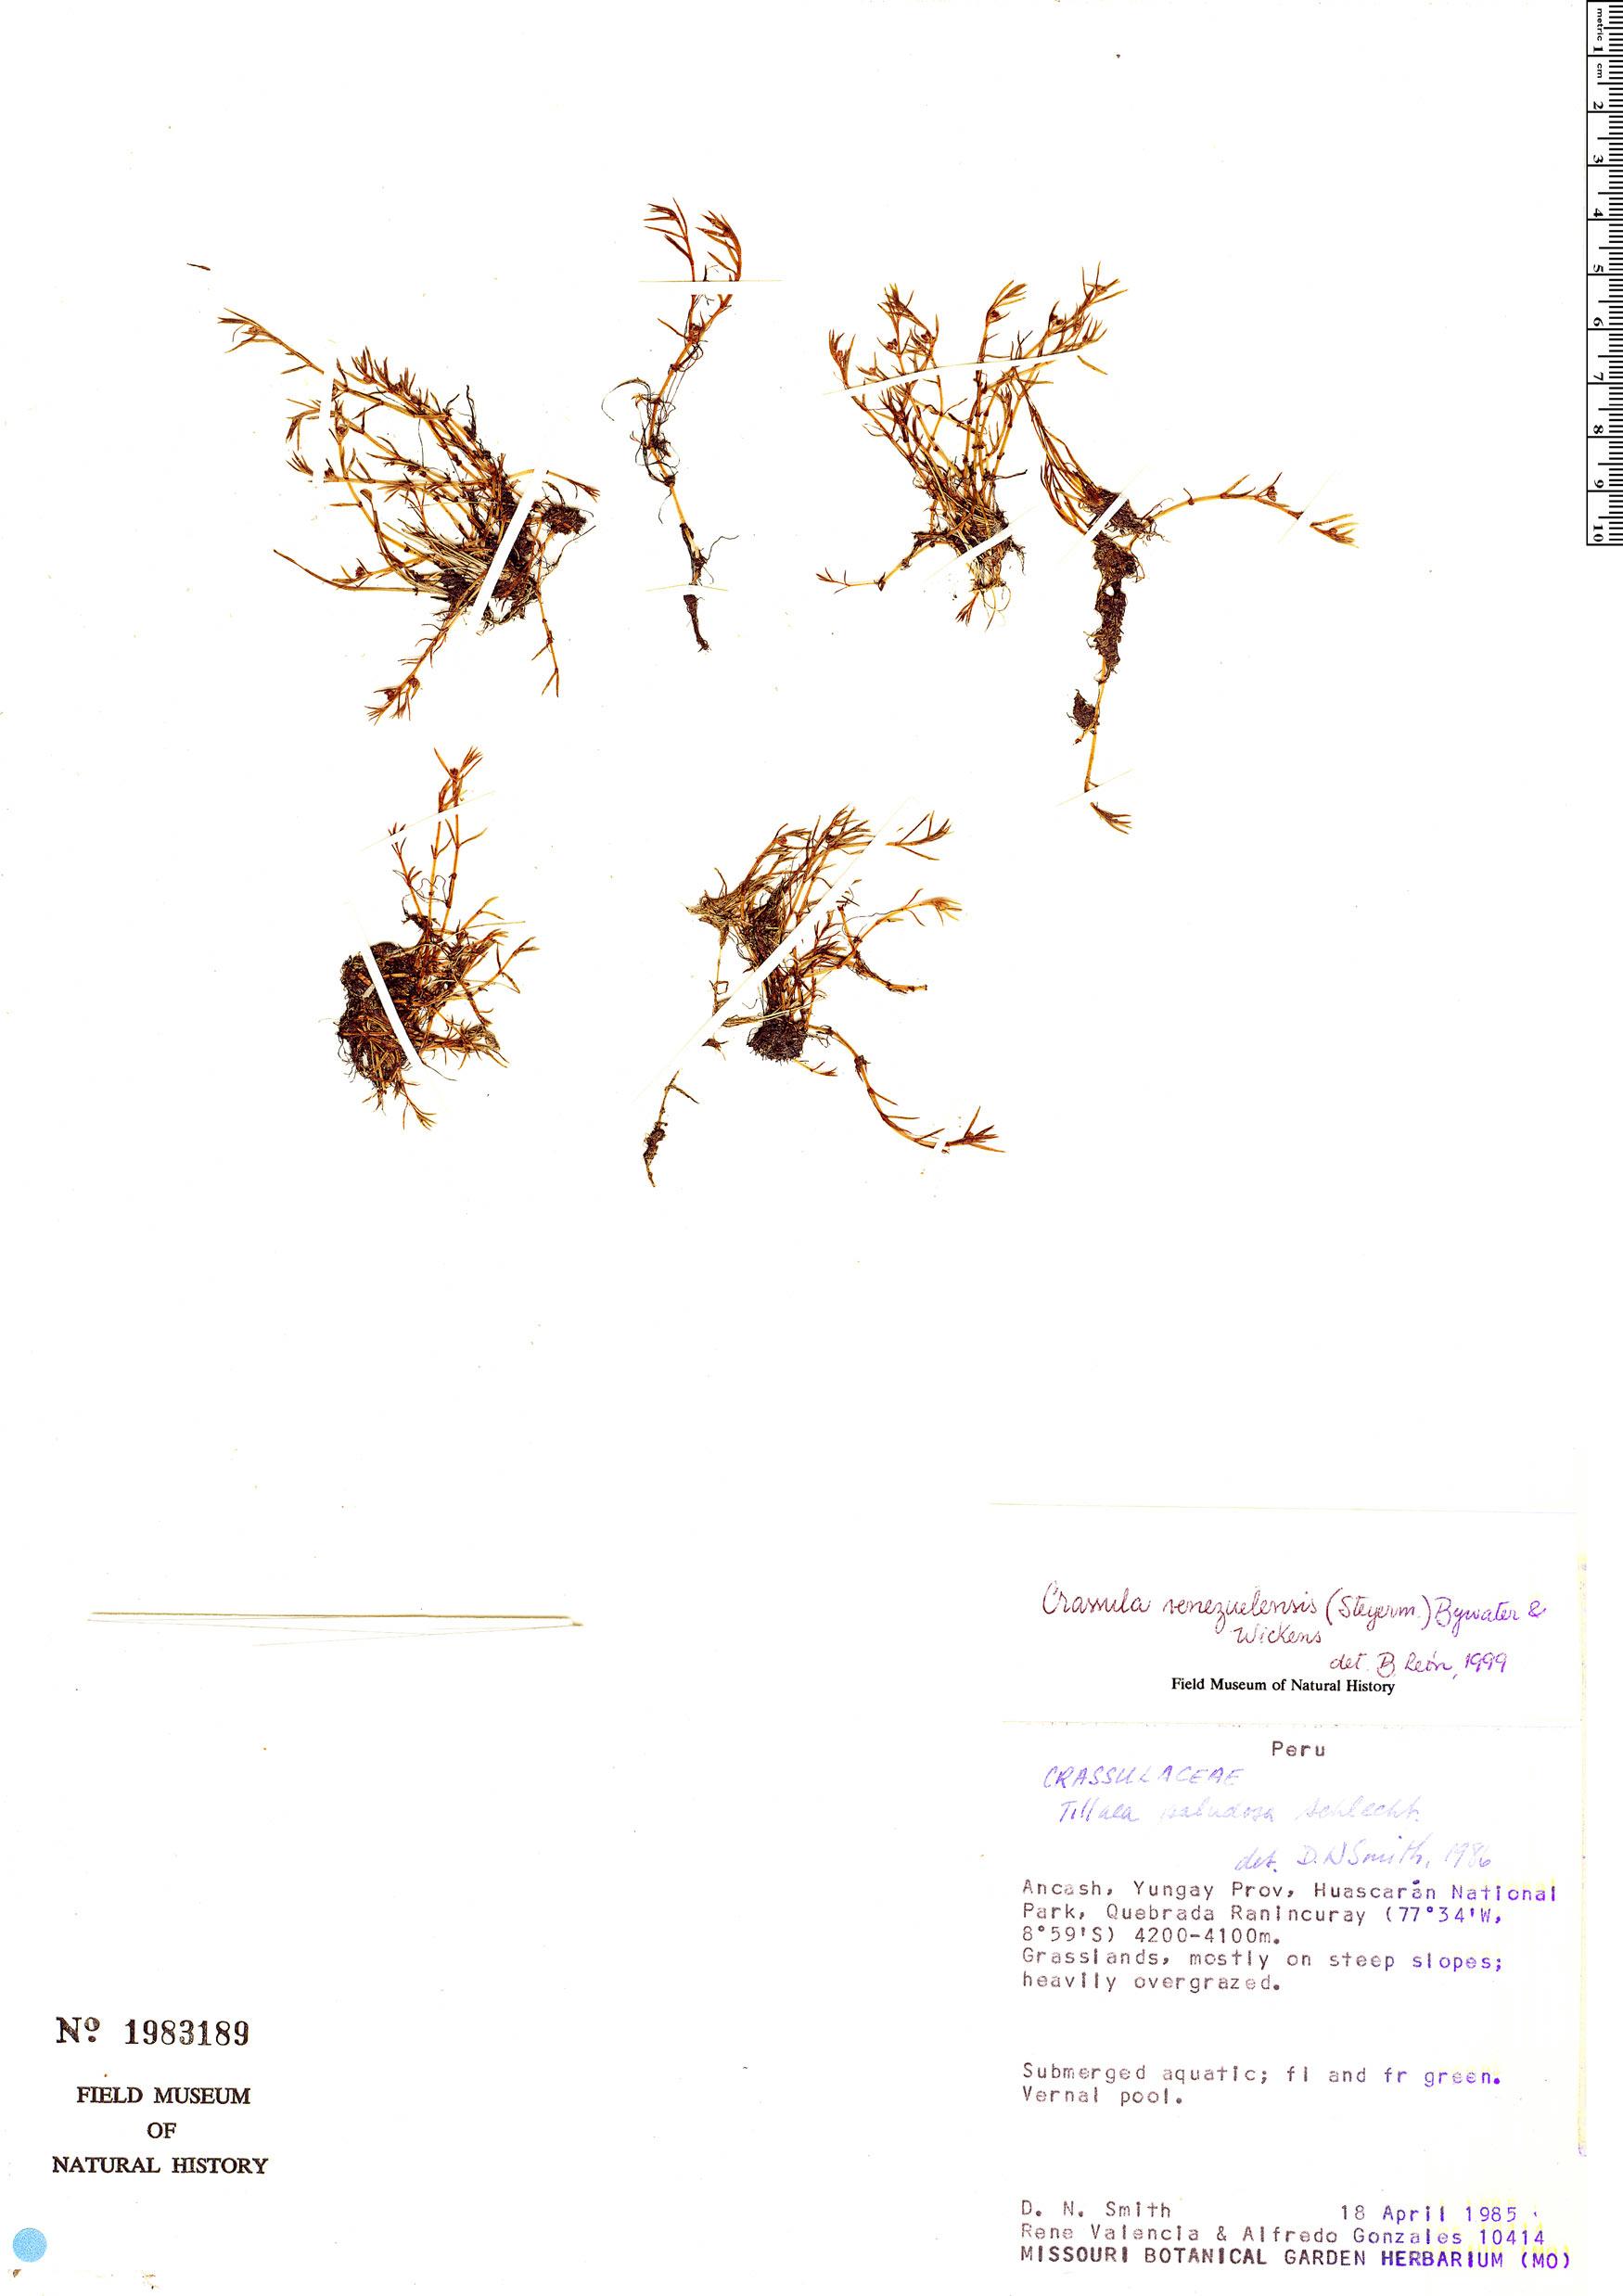 Specimen: Crassula venezuelensis